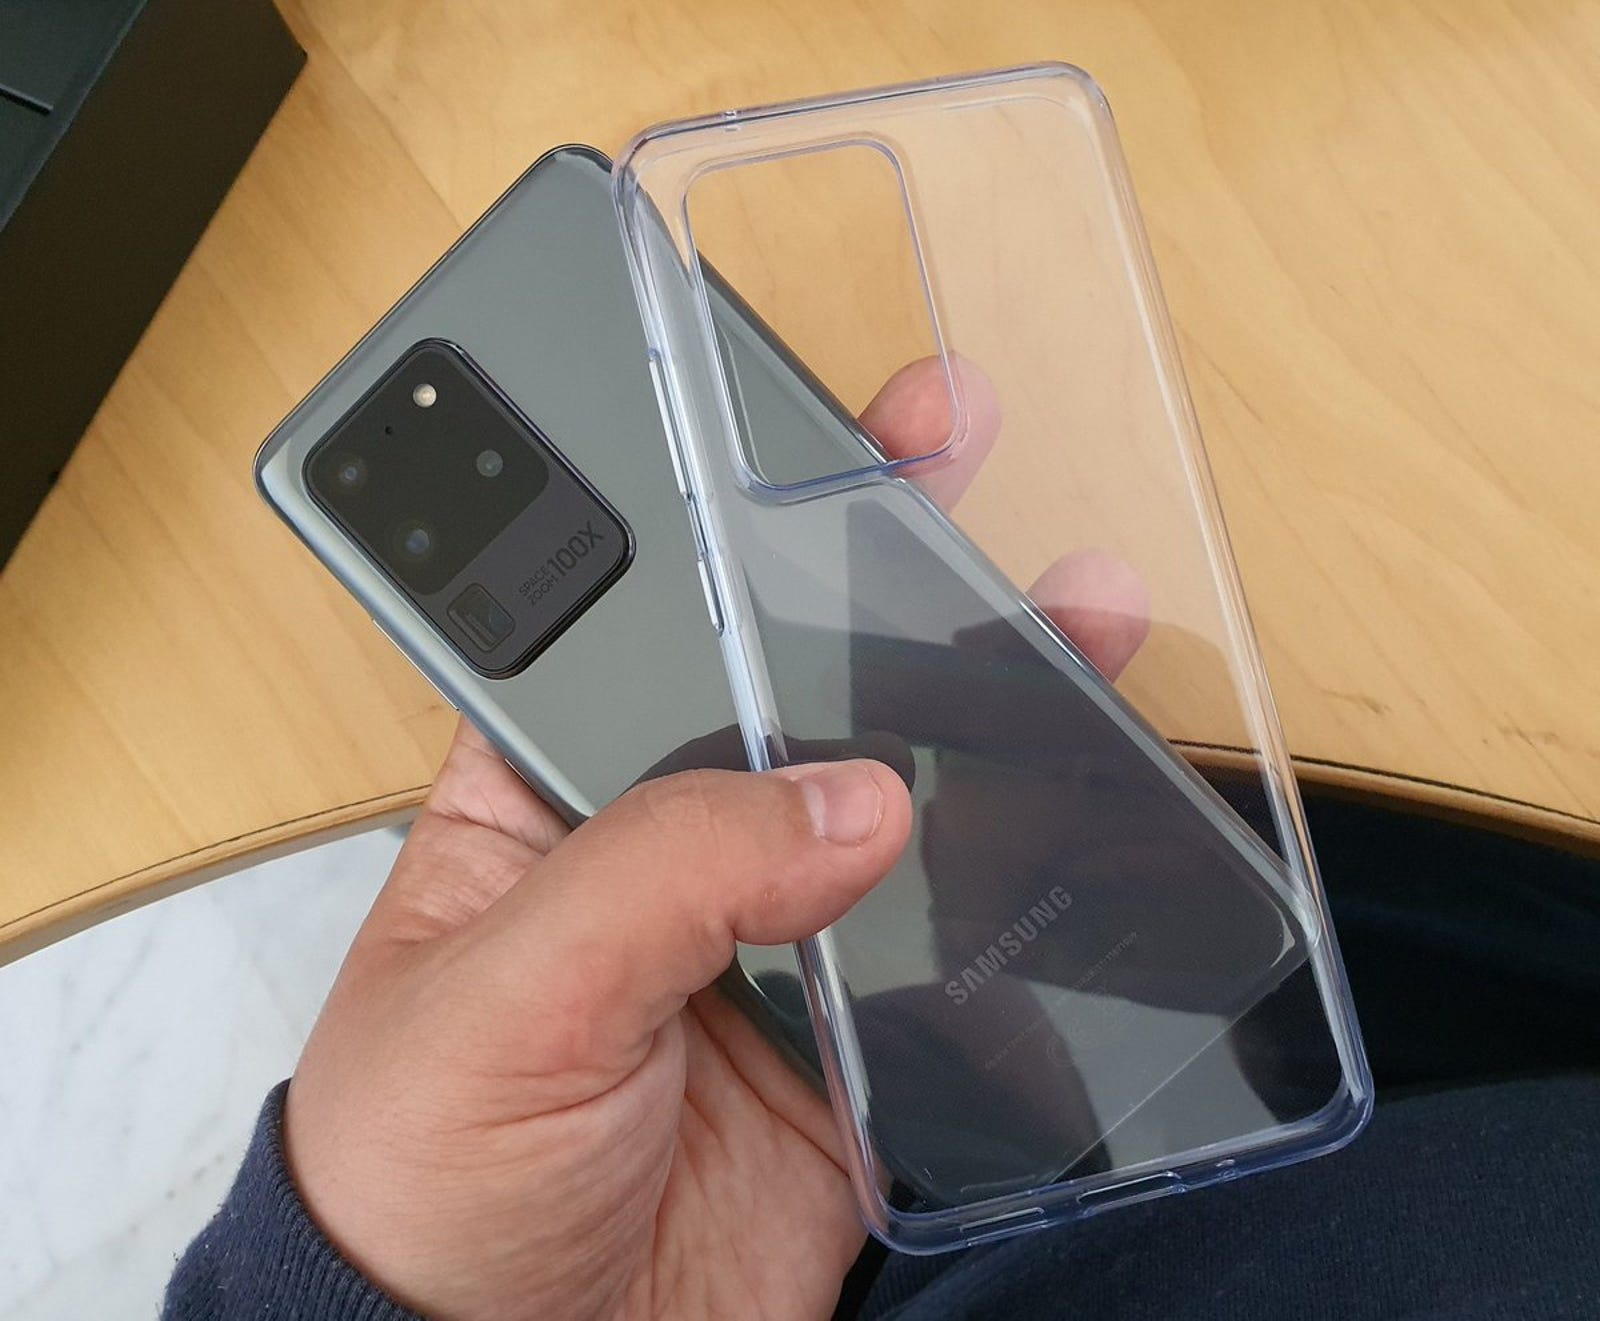 El Galaxy S20 Ultra viene con su propia funda transparente